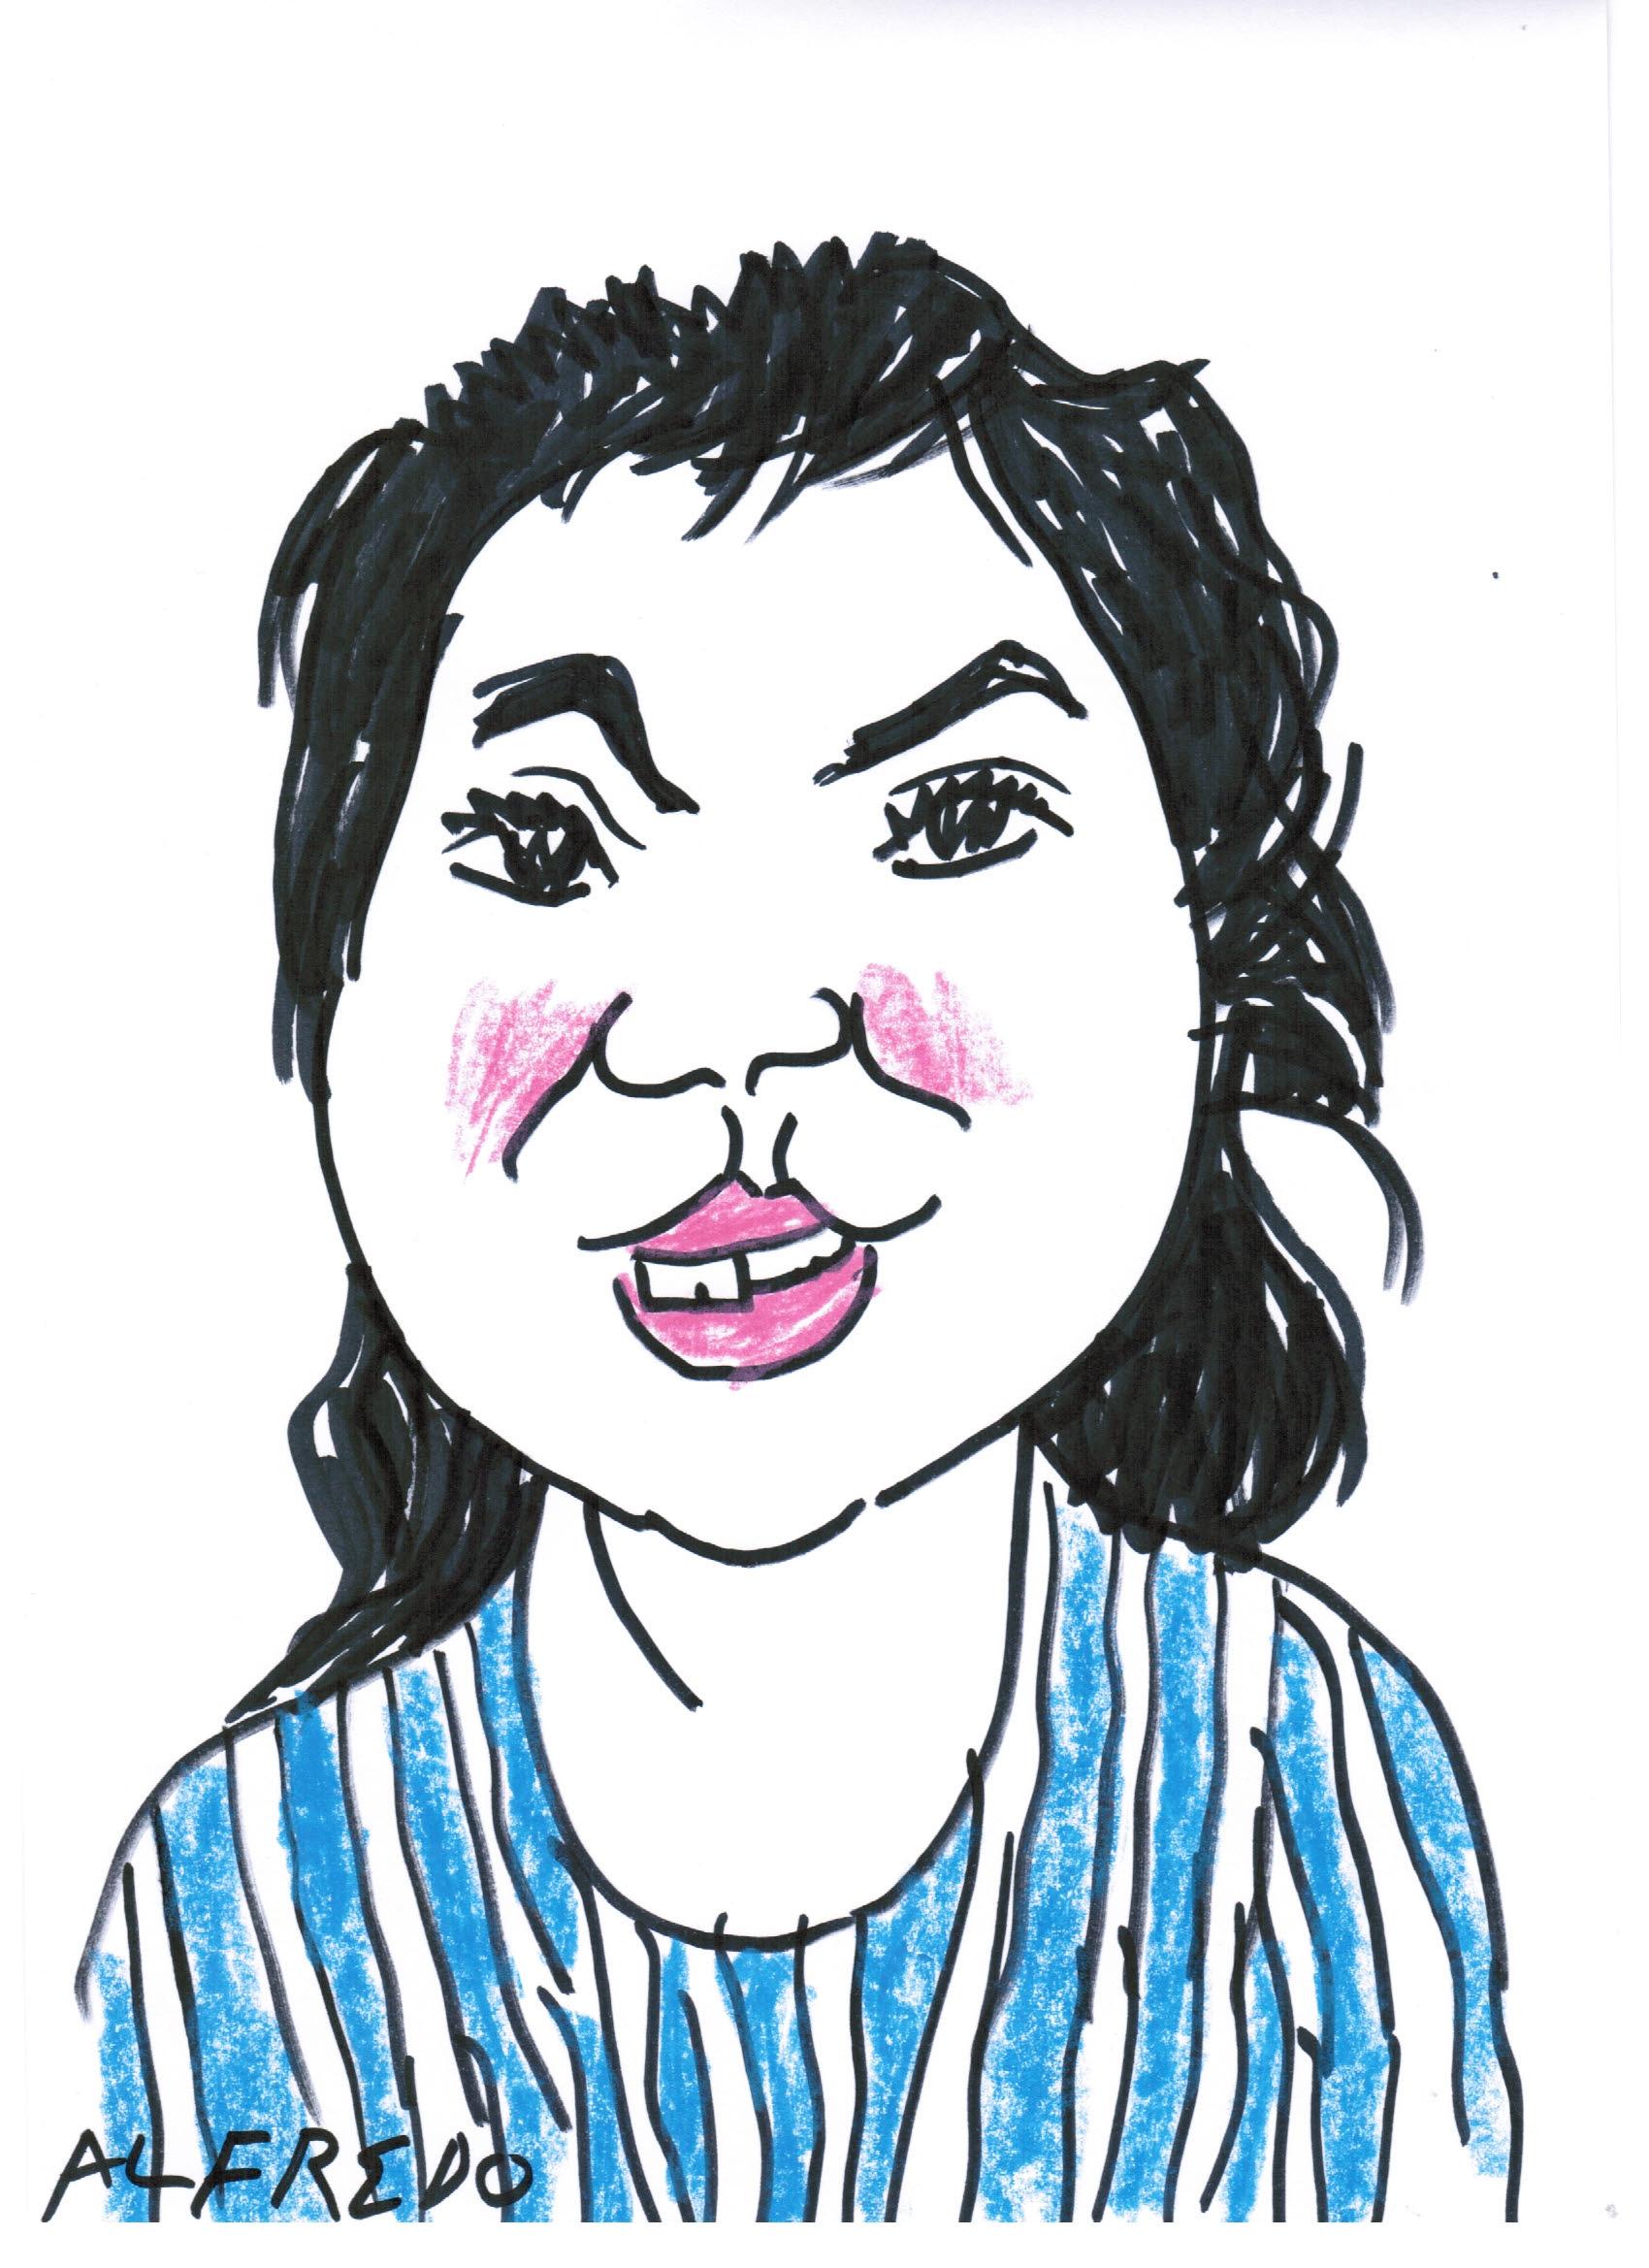 2. artista AlfredoGonzalez